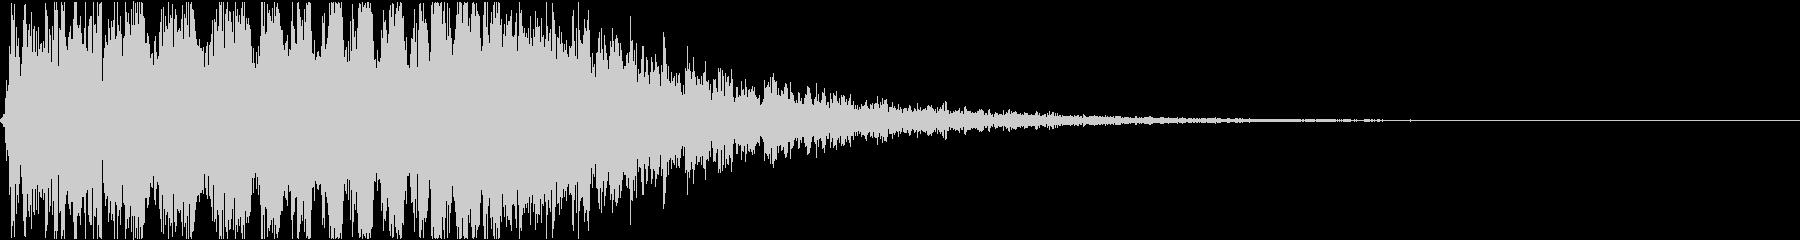 キュイン ギュイーン シャキーン 10の未再生の波形